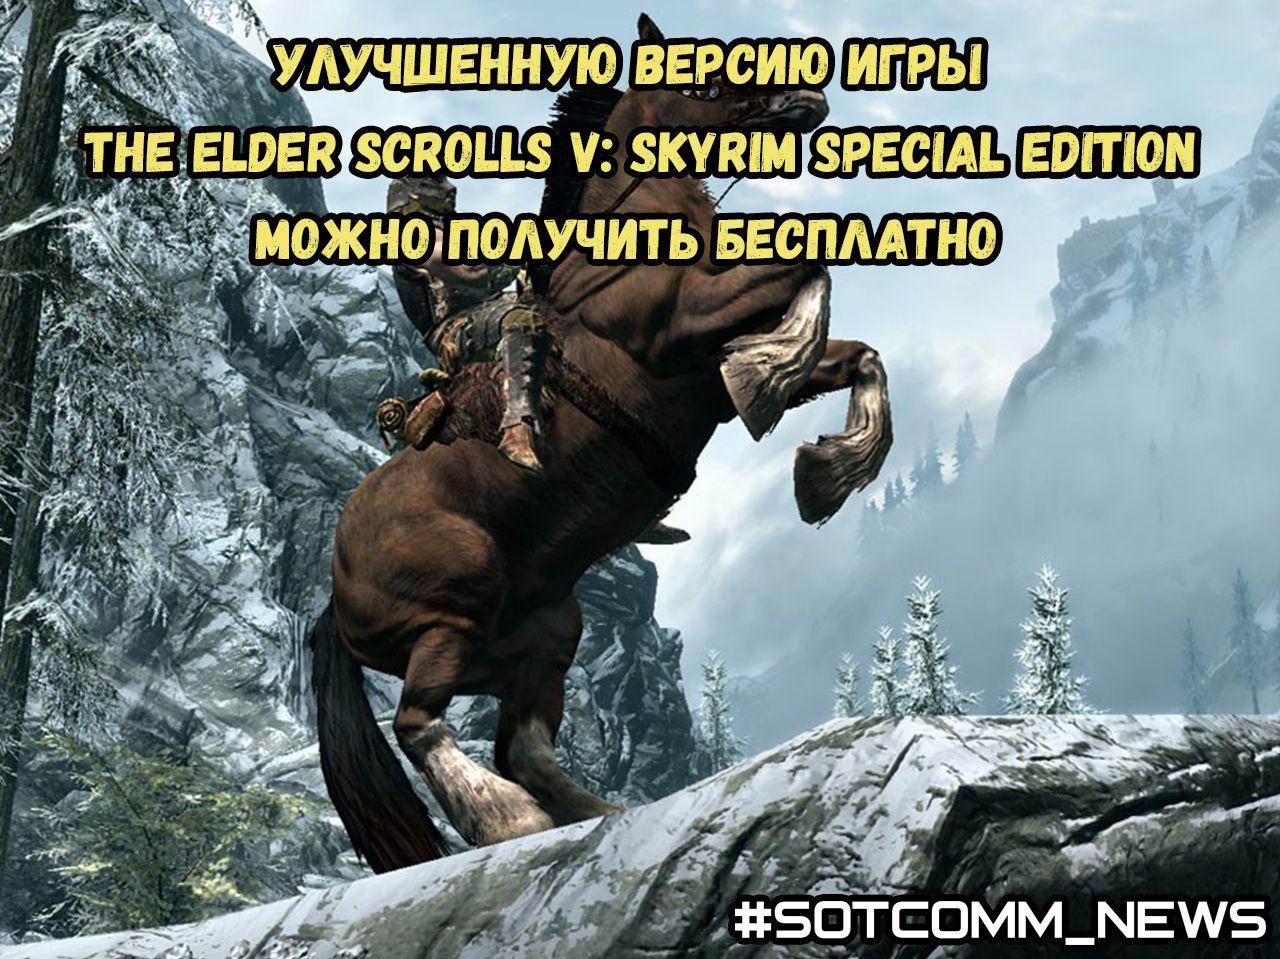 Улучшенную версию игры The Elder Scrolls V: Skyrim Special Edition можно получить бесплатно